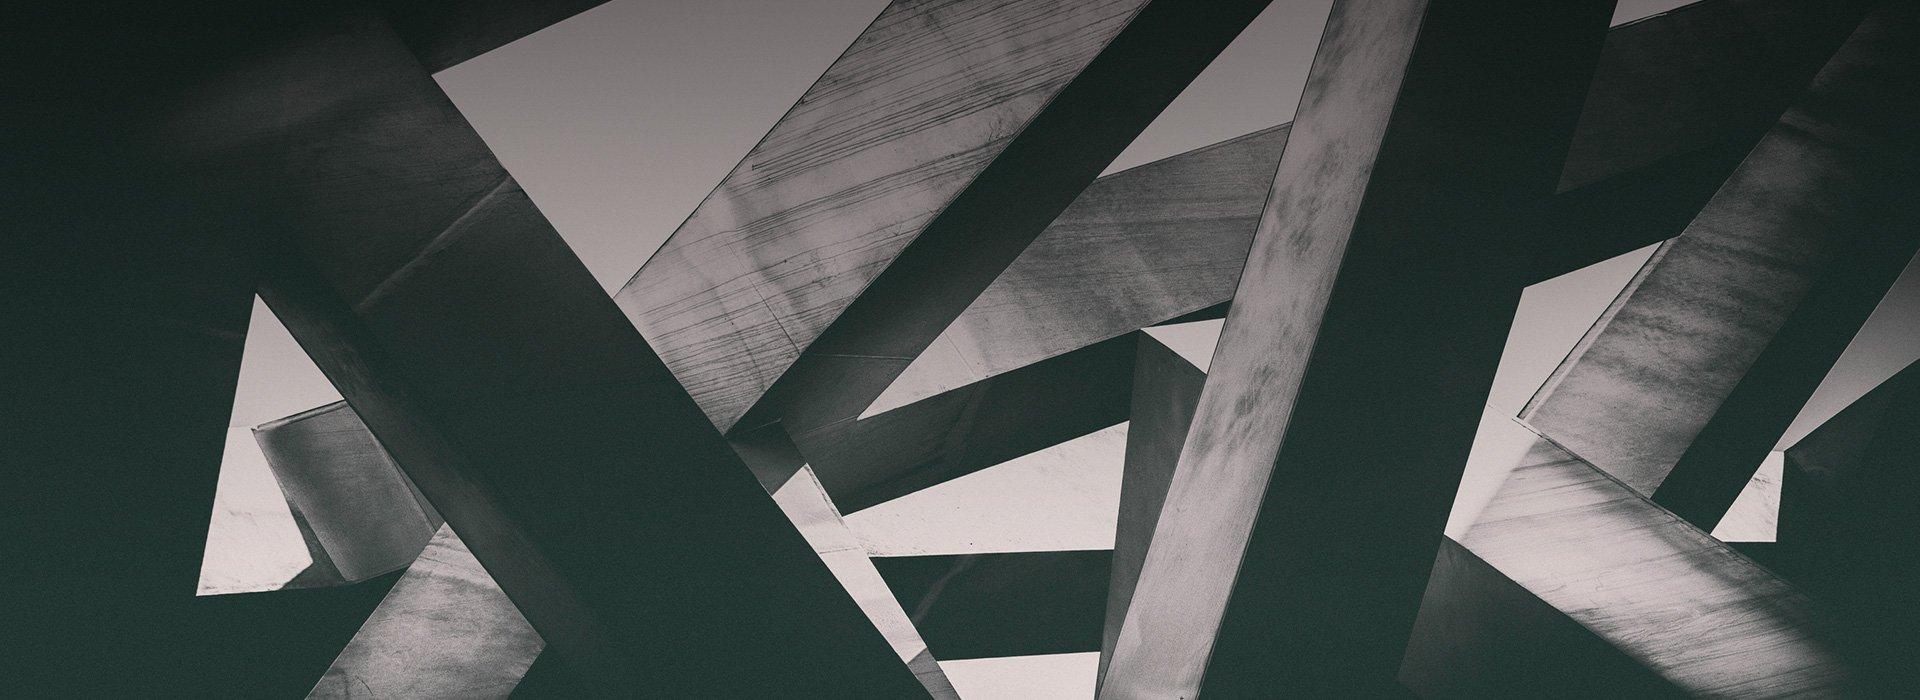 С геометрической точностью